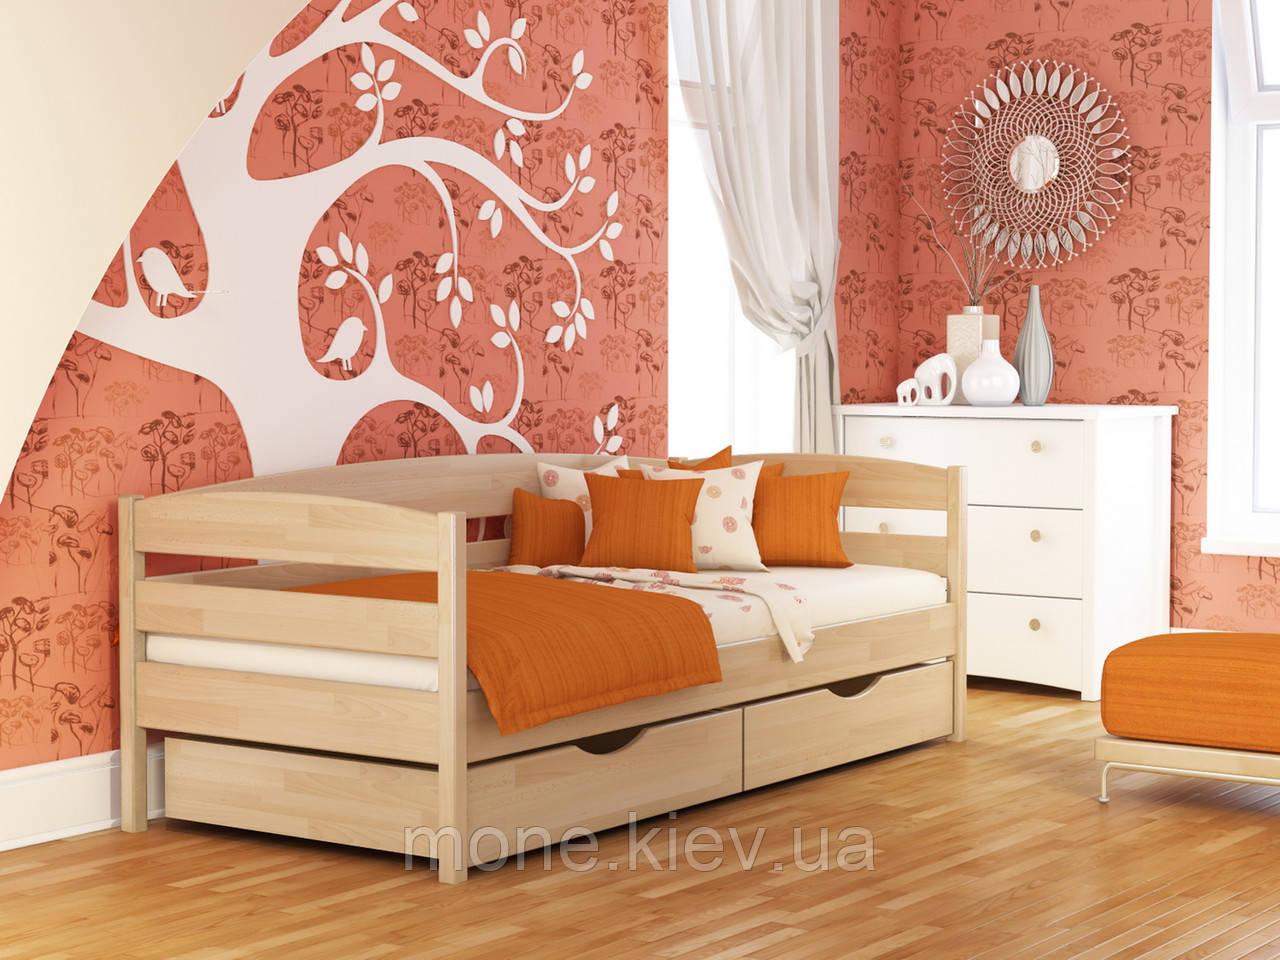 Ліжко односпальне Нота плюс